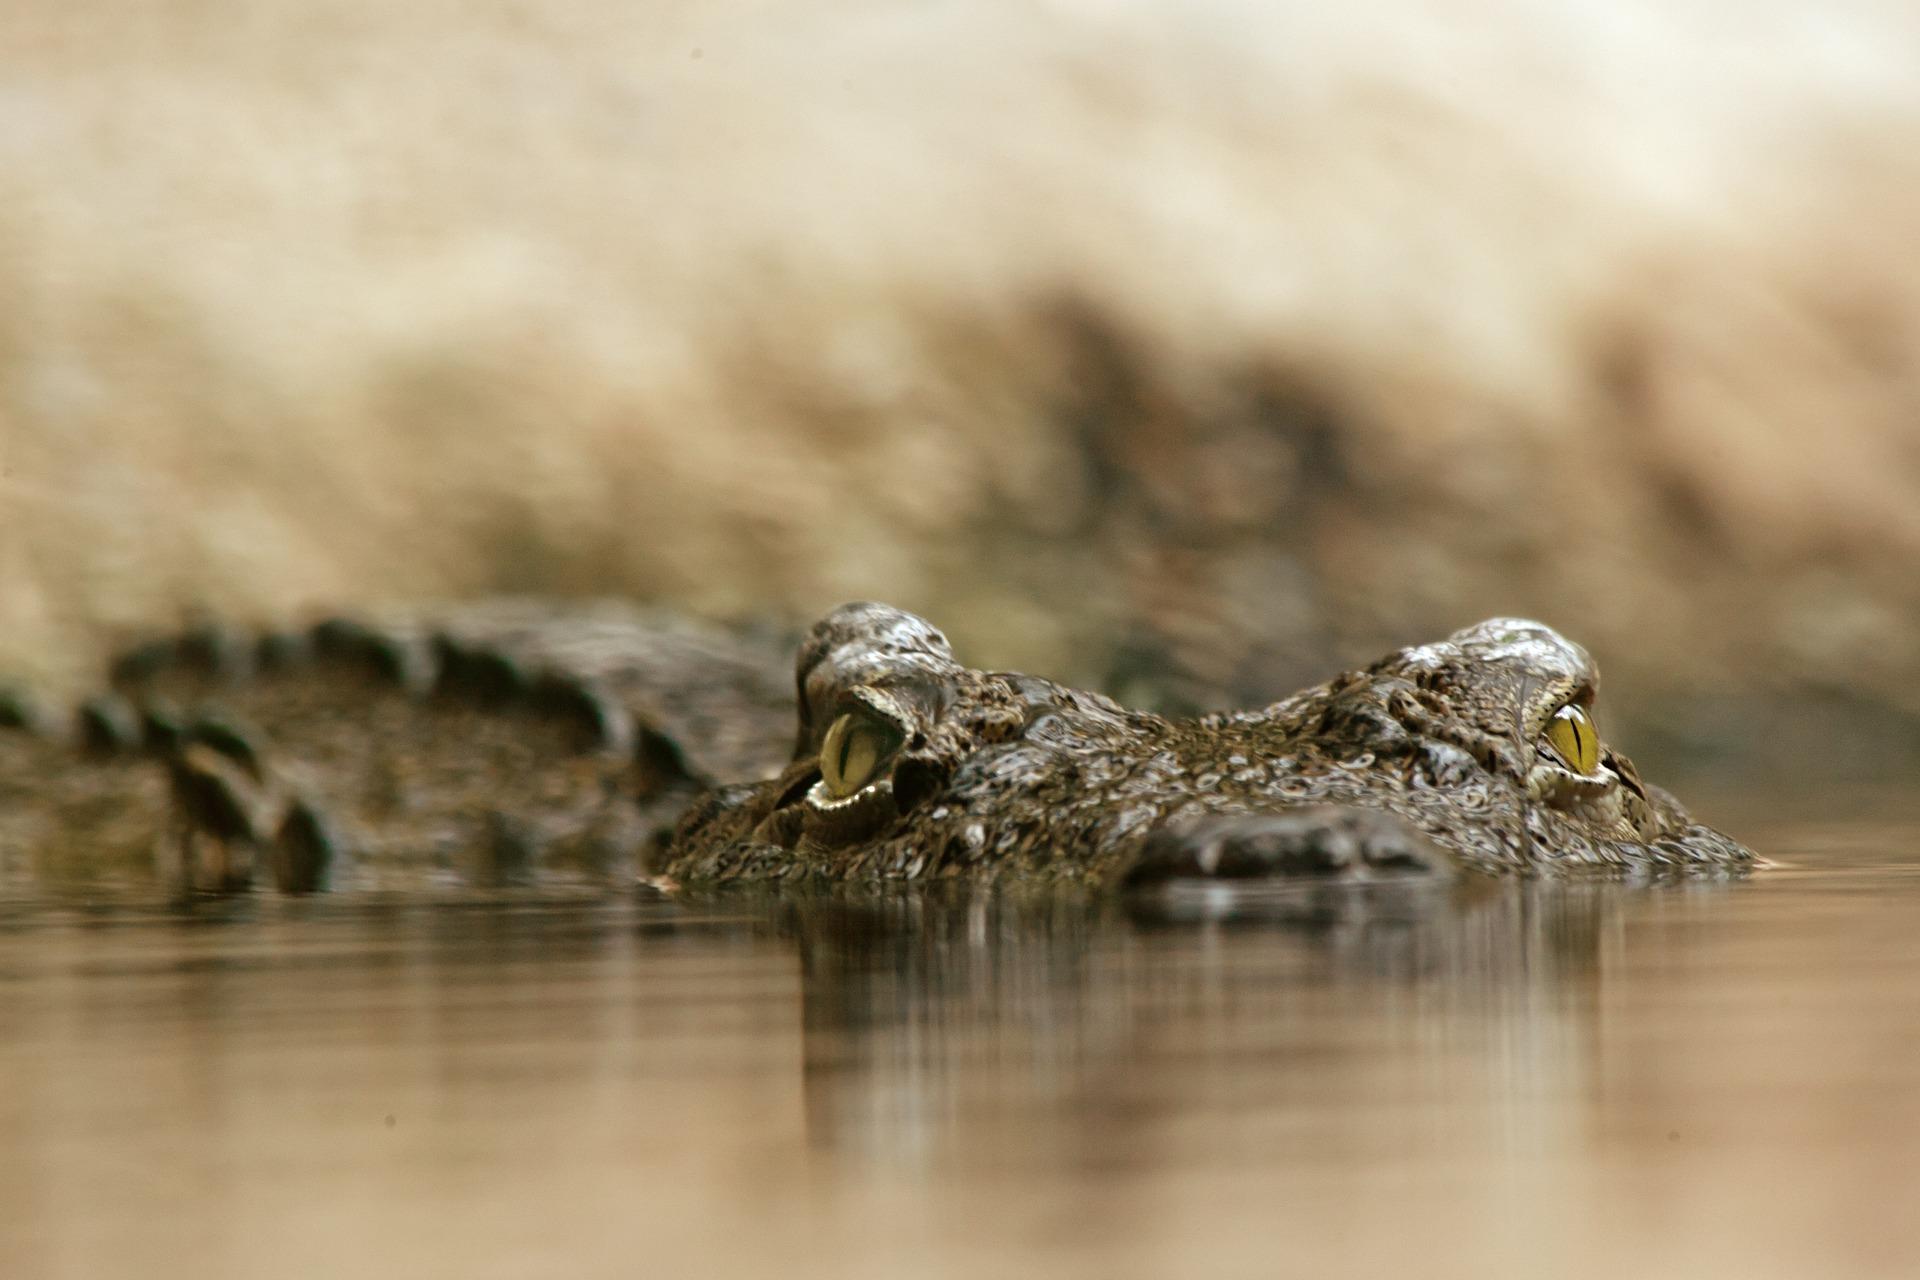 crocodile-448624_1920